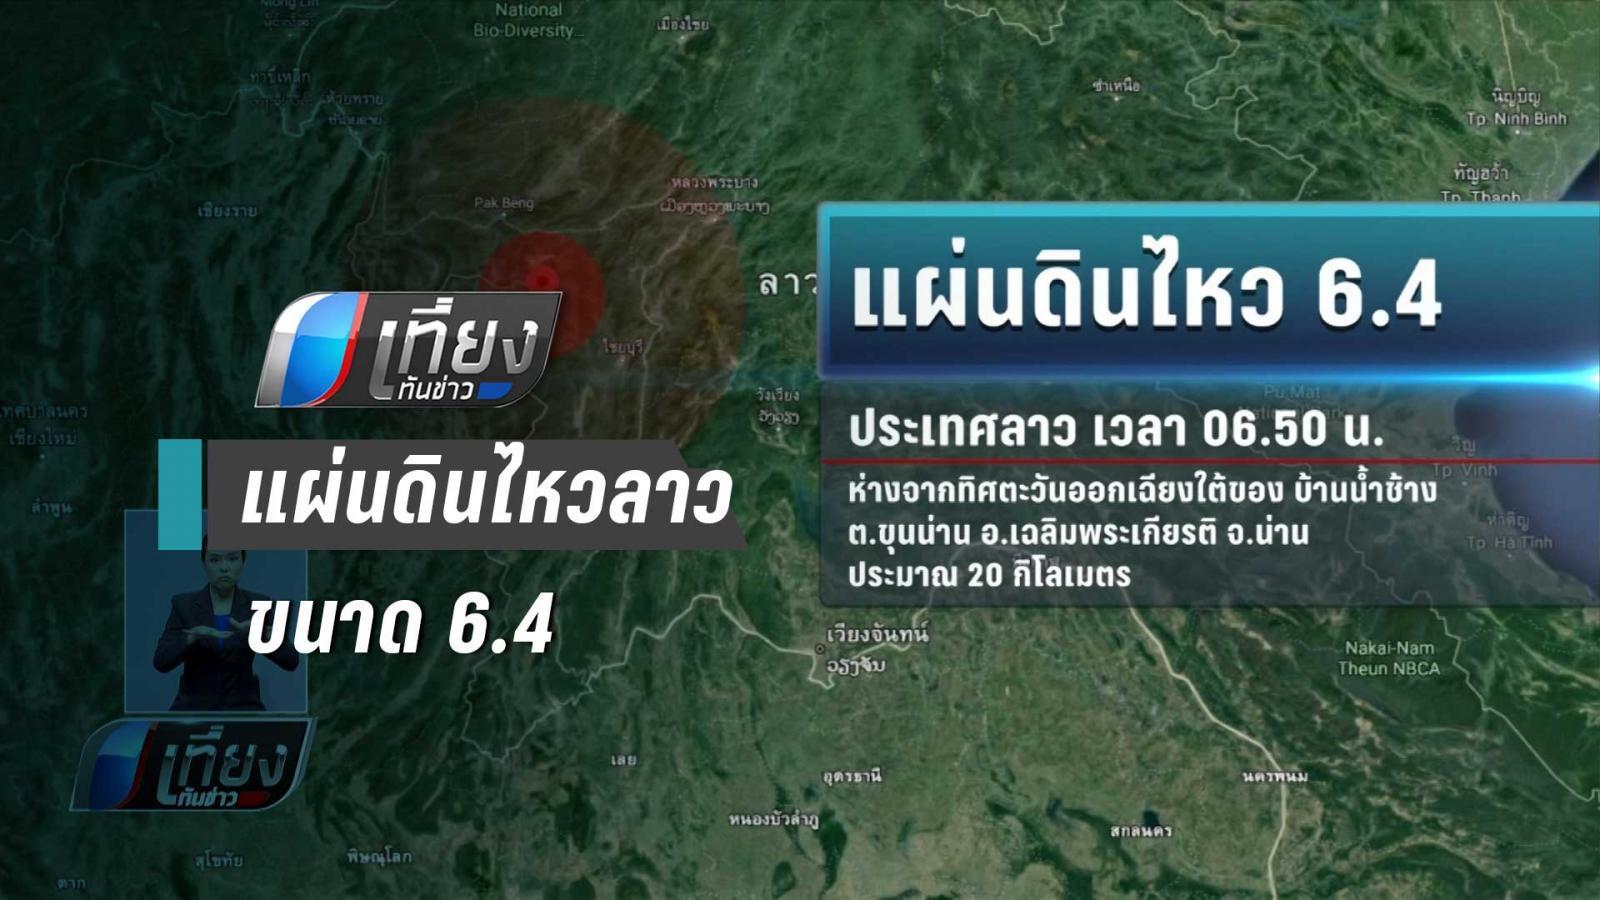 แผ่นดินไหวลาว ขนาด 6.4 สะเทือนถึงกรุงเทพฯ